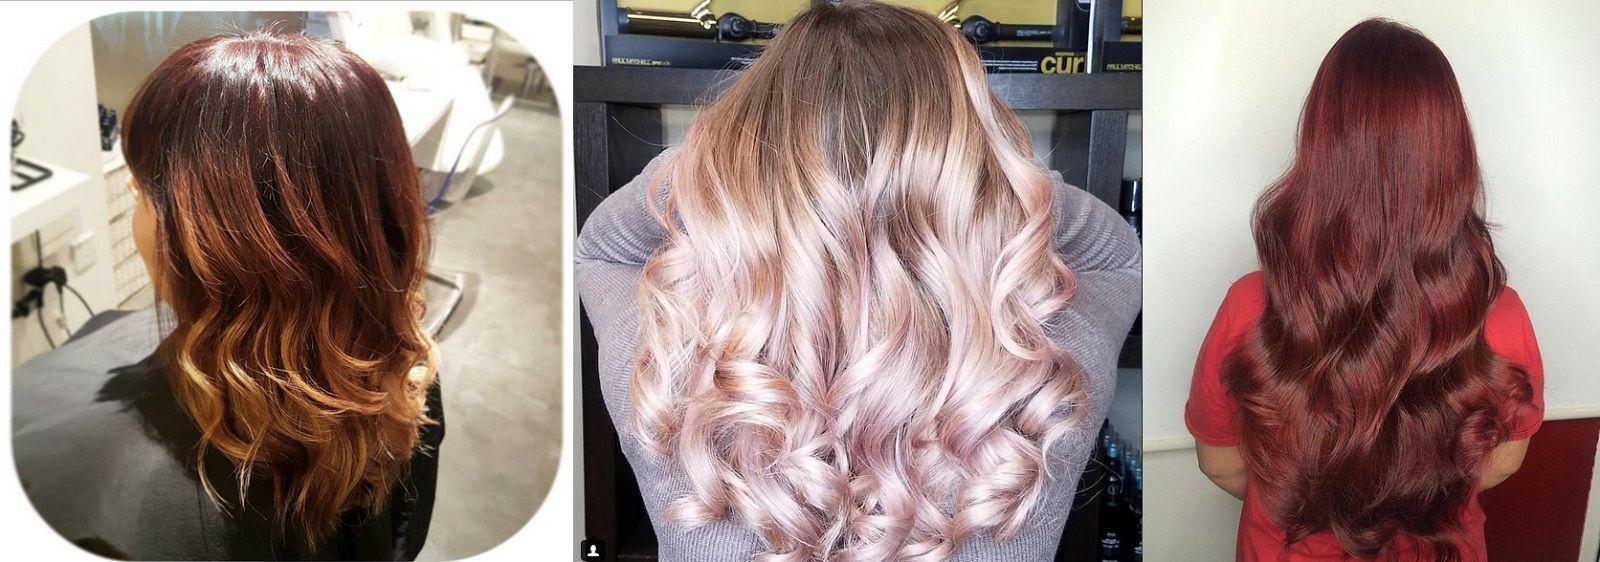 Hair trend per le castane: tonalità caramello con il Balayage